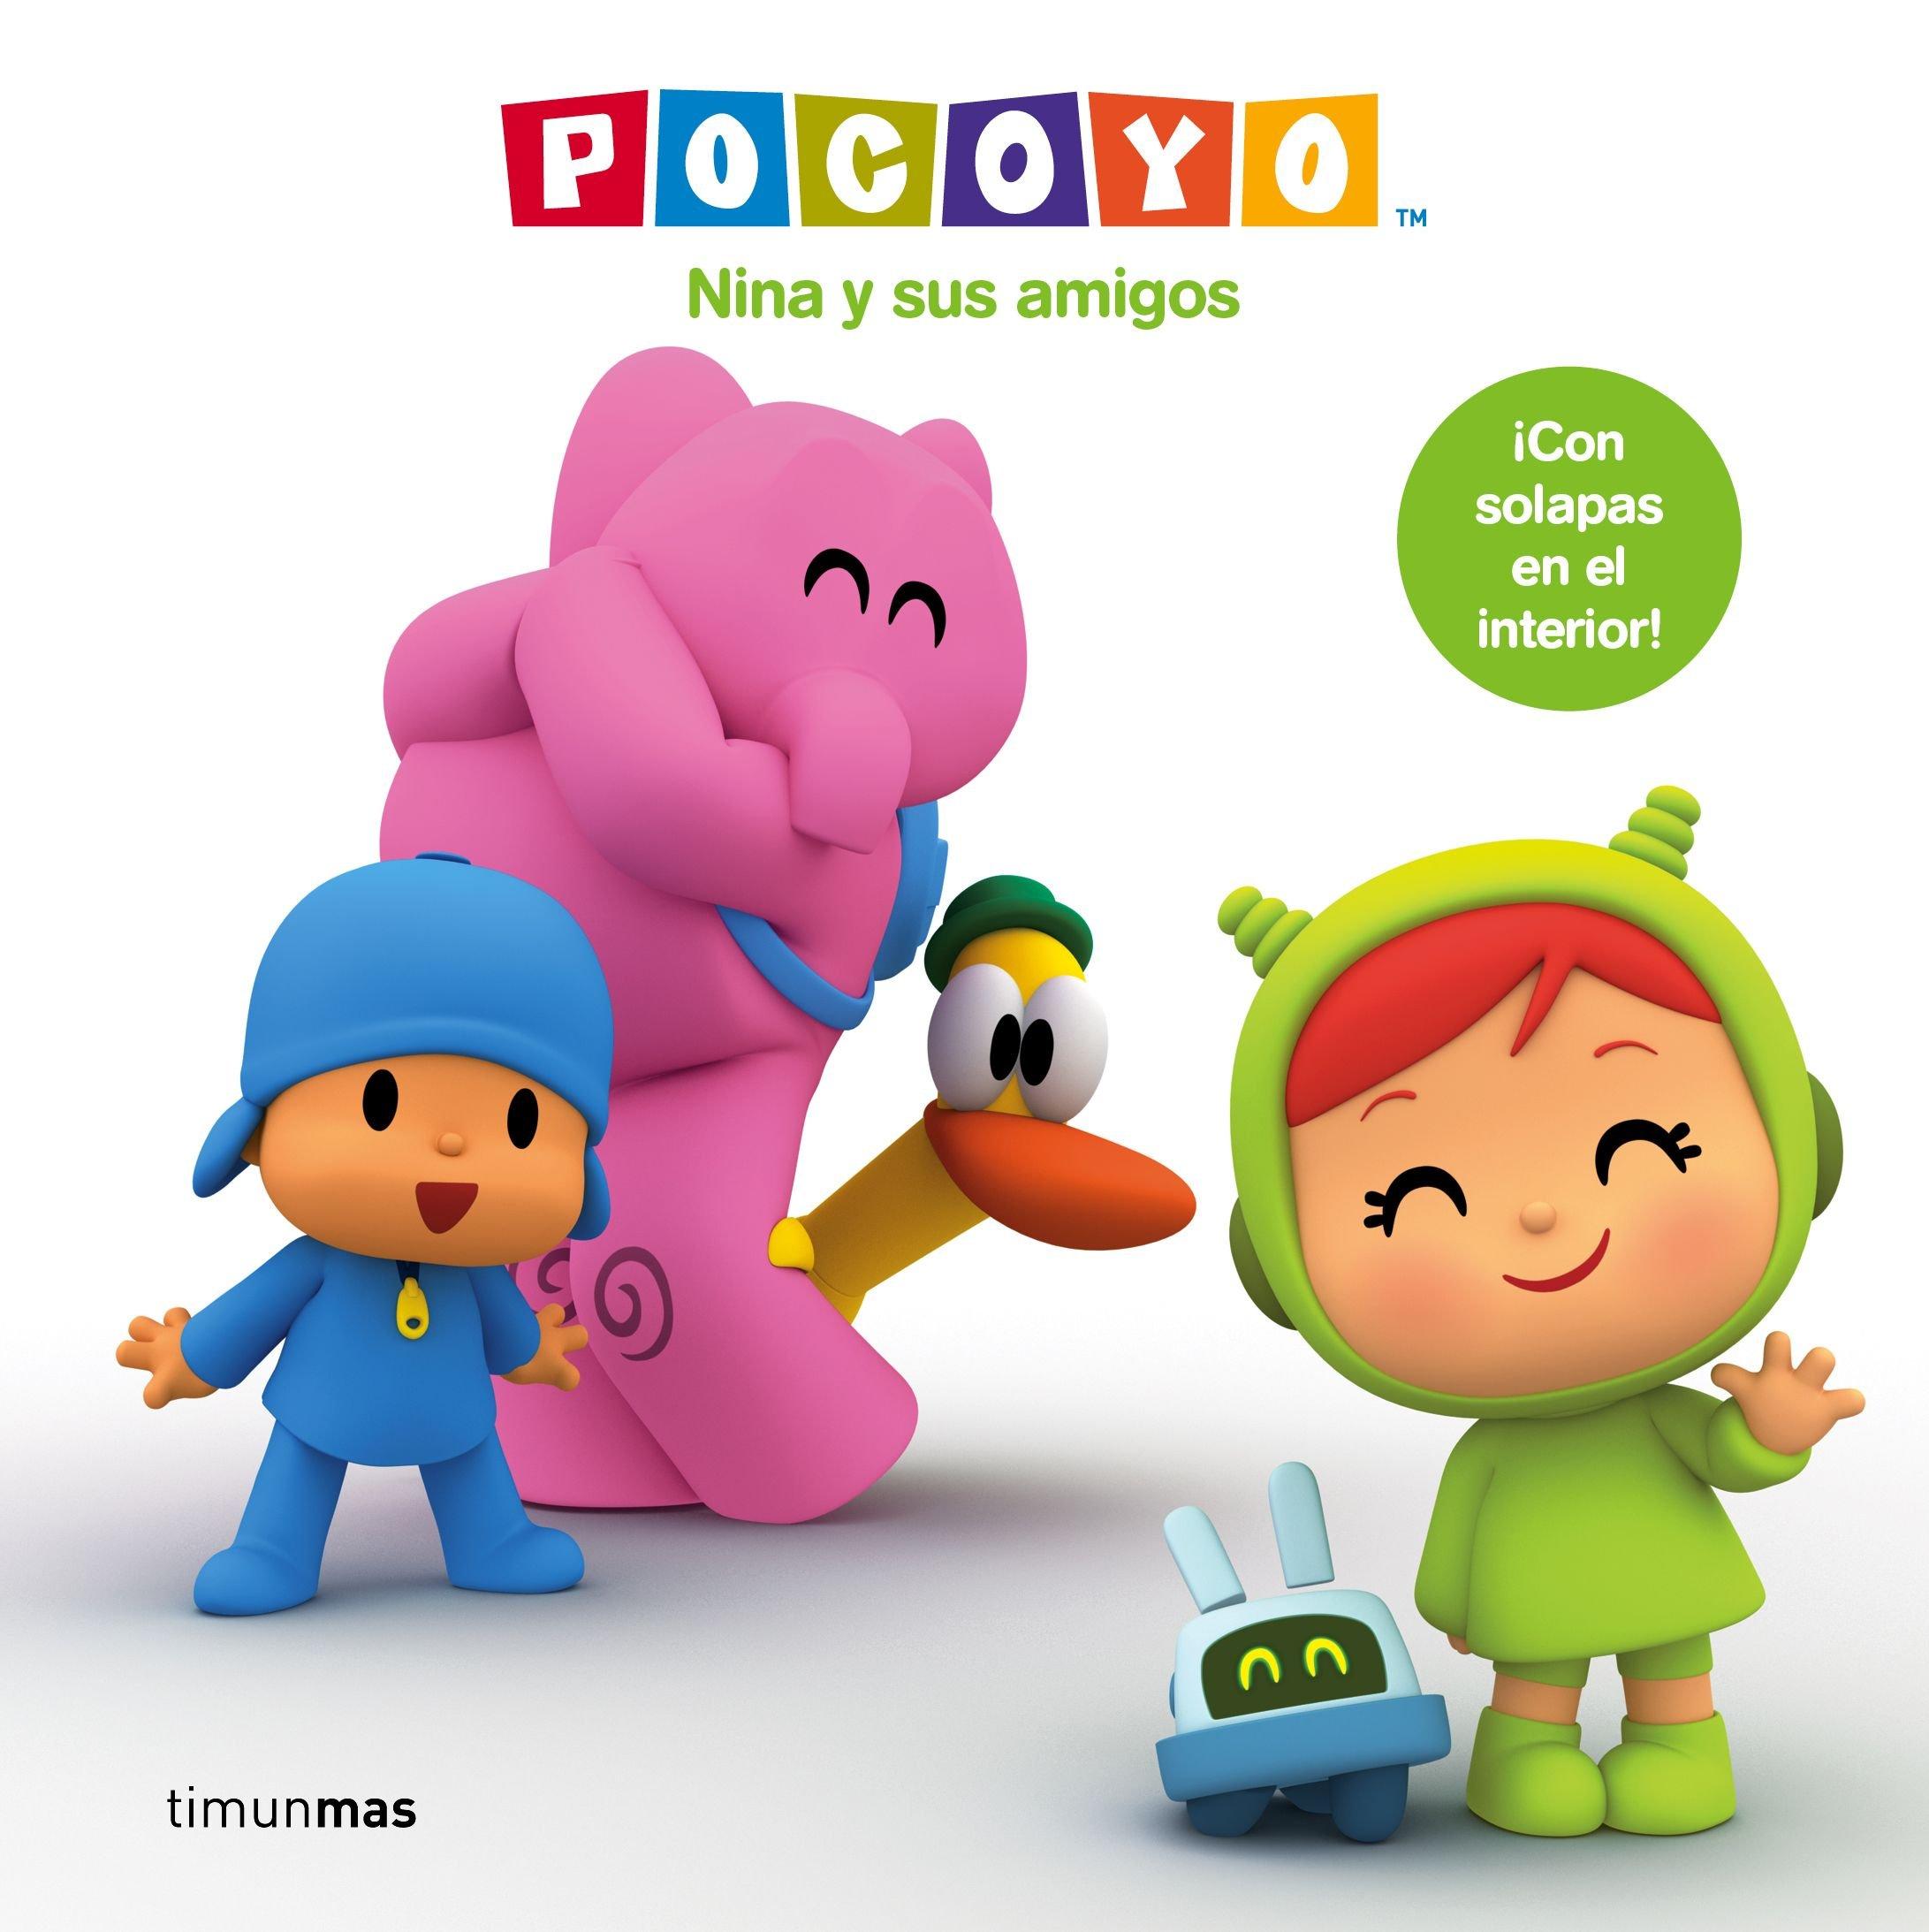 Pocoyó. Nina y sus amigos: ¡Con solapas en el interior! Pocoyo: Amazon.es: Zinkia Entertainment S. A.: Libros